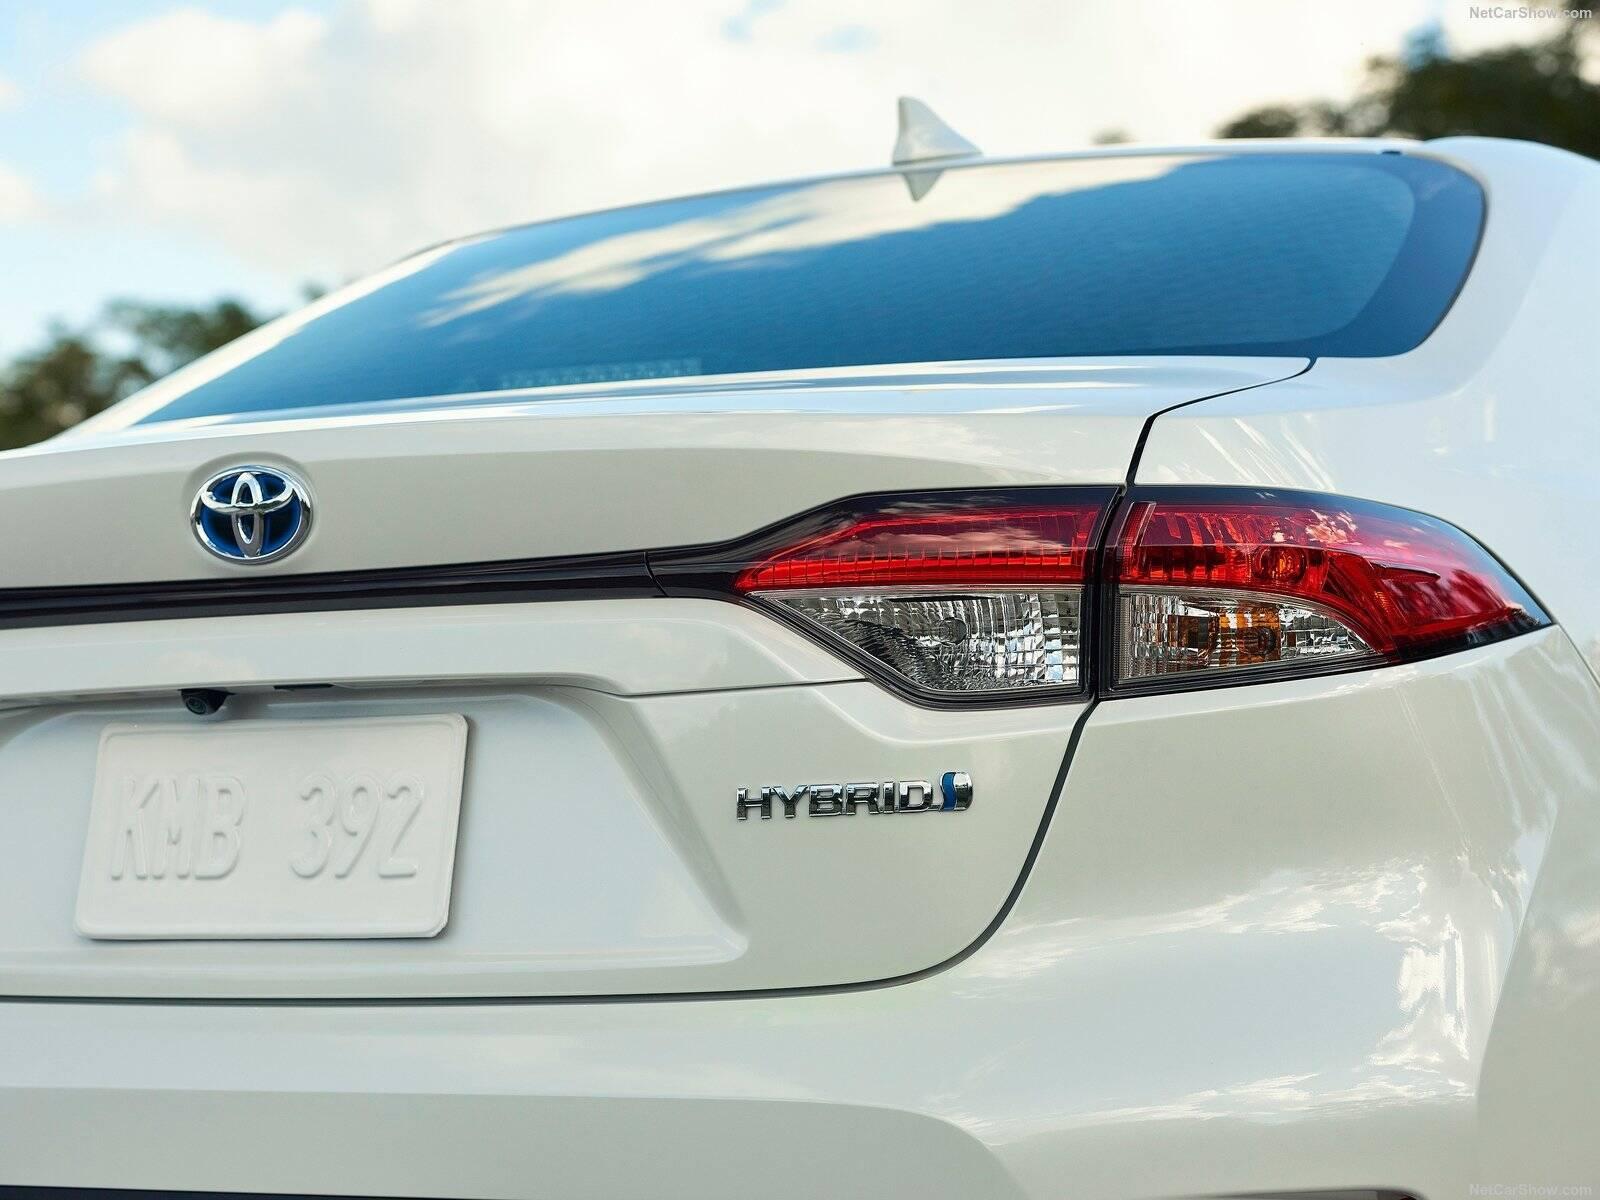 Toyota Corolla híbrido. Foto: Divulgação